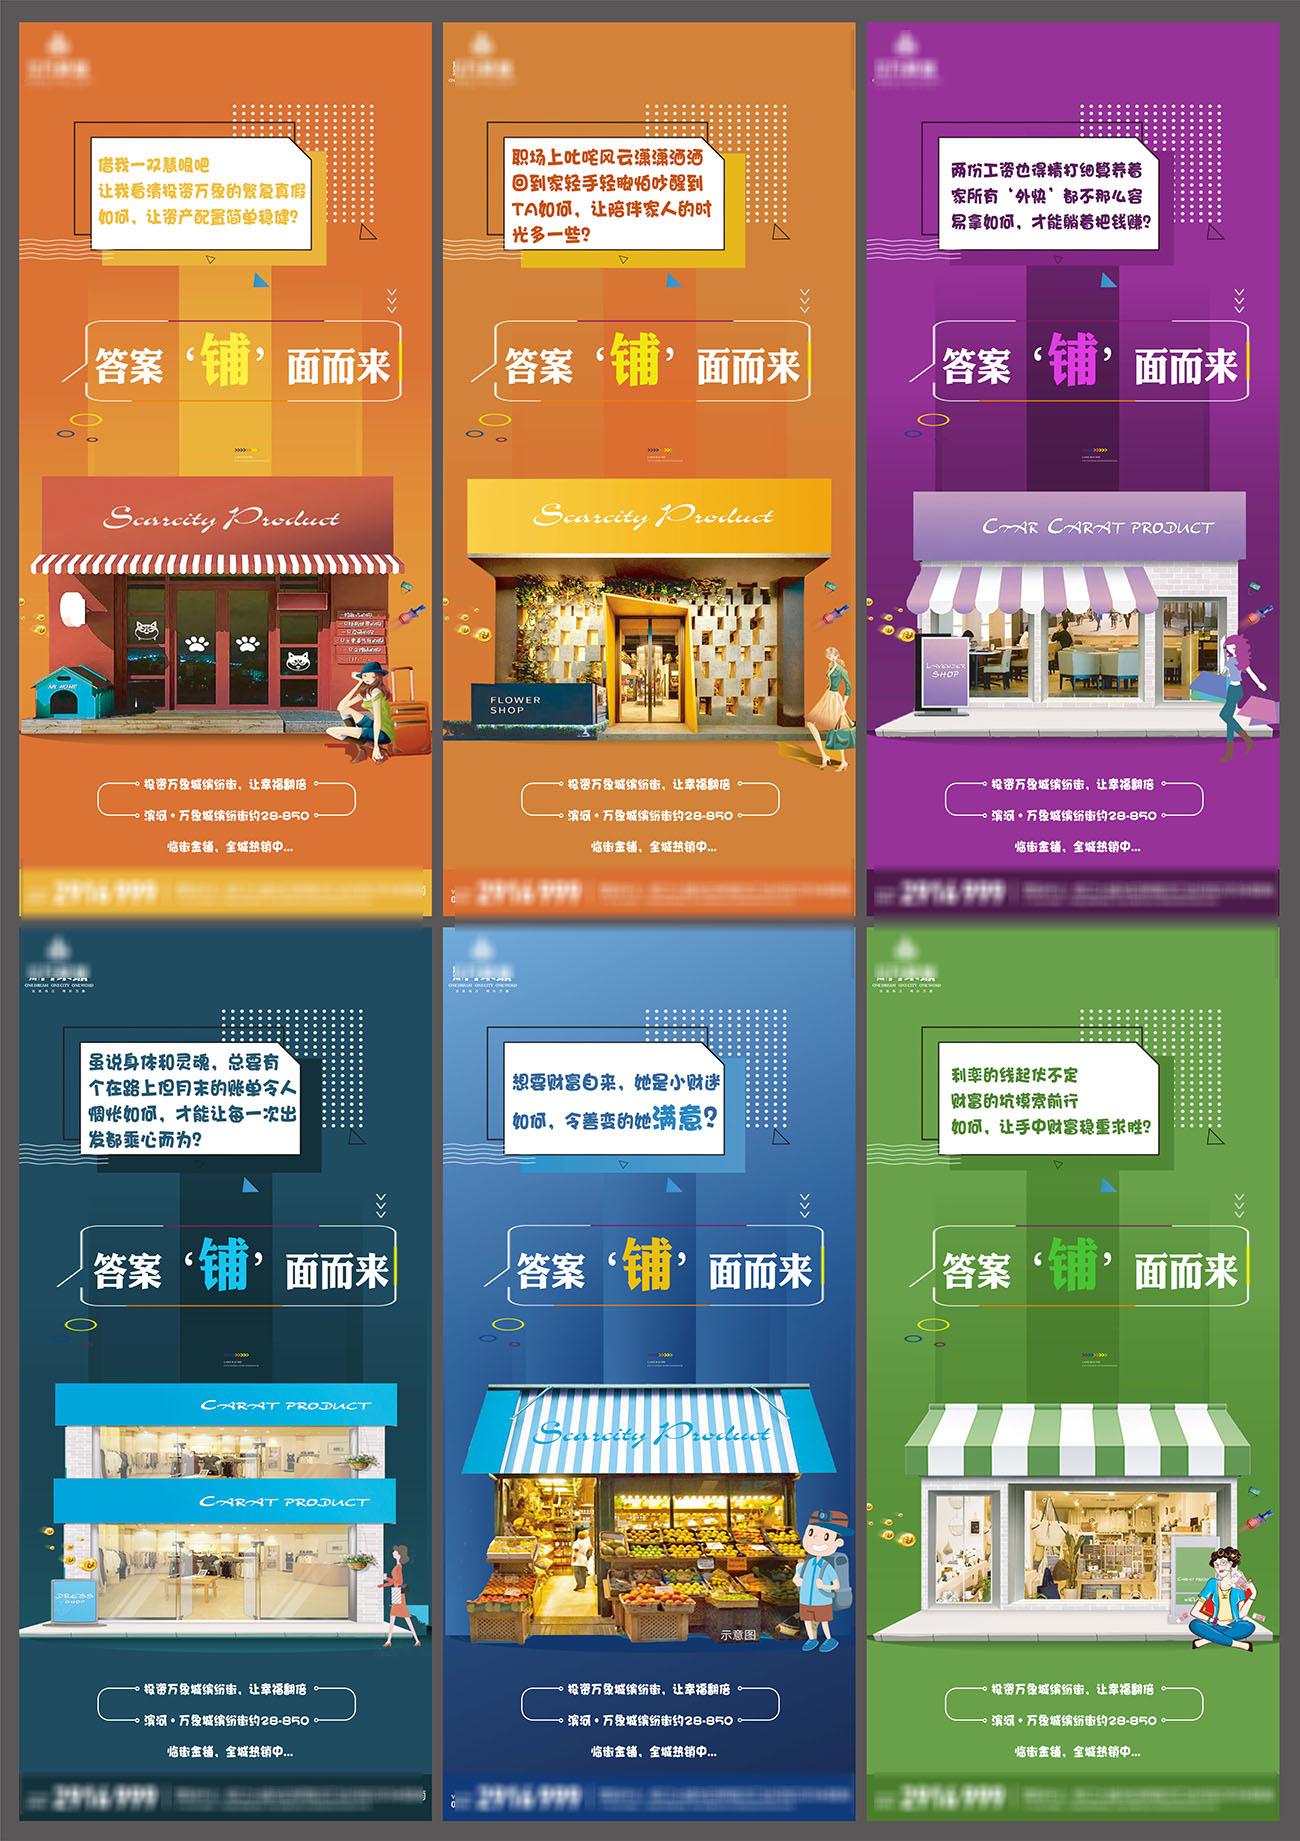 地产答案铺面而来系列商铺价痛点海报PSD源文件插图